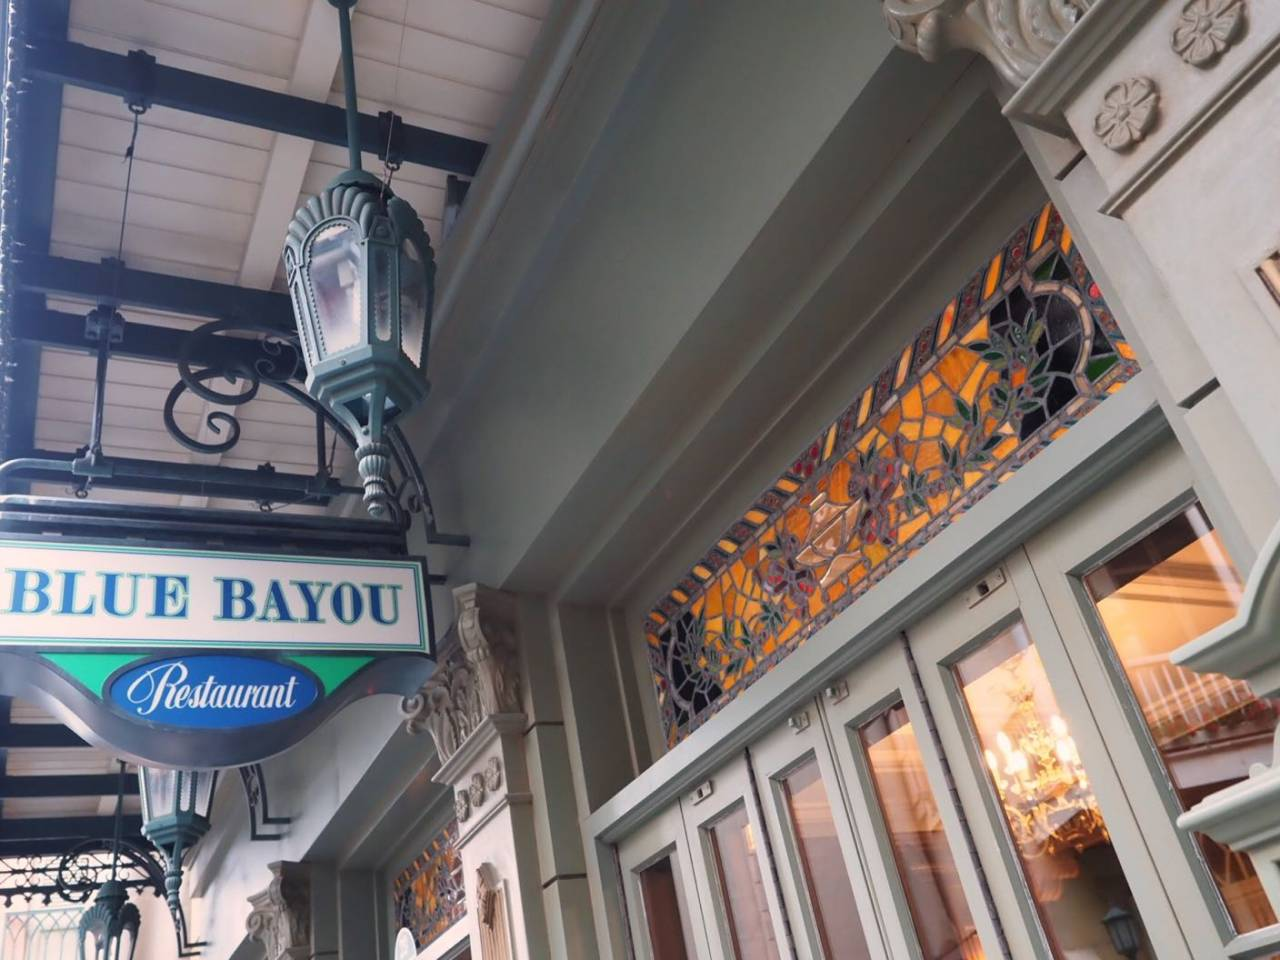 ディズニーランドのブルーバイユー・レストラン